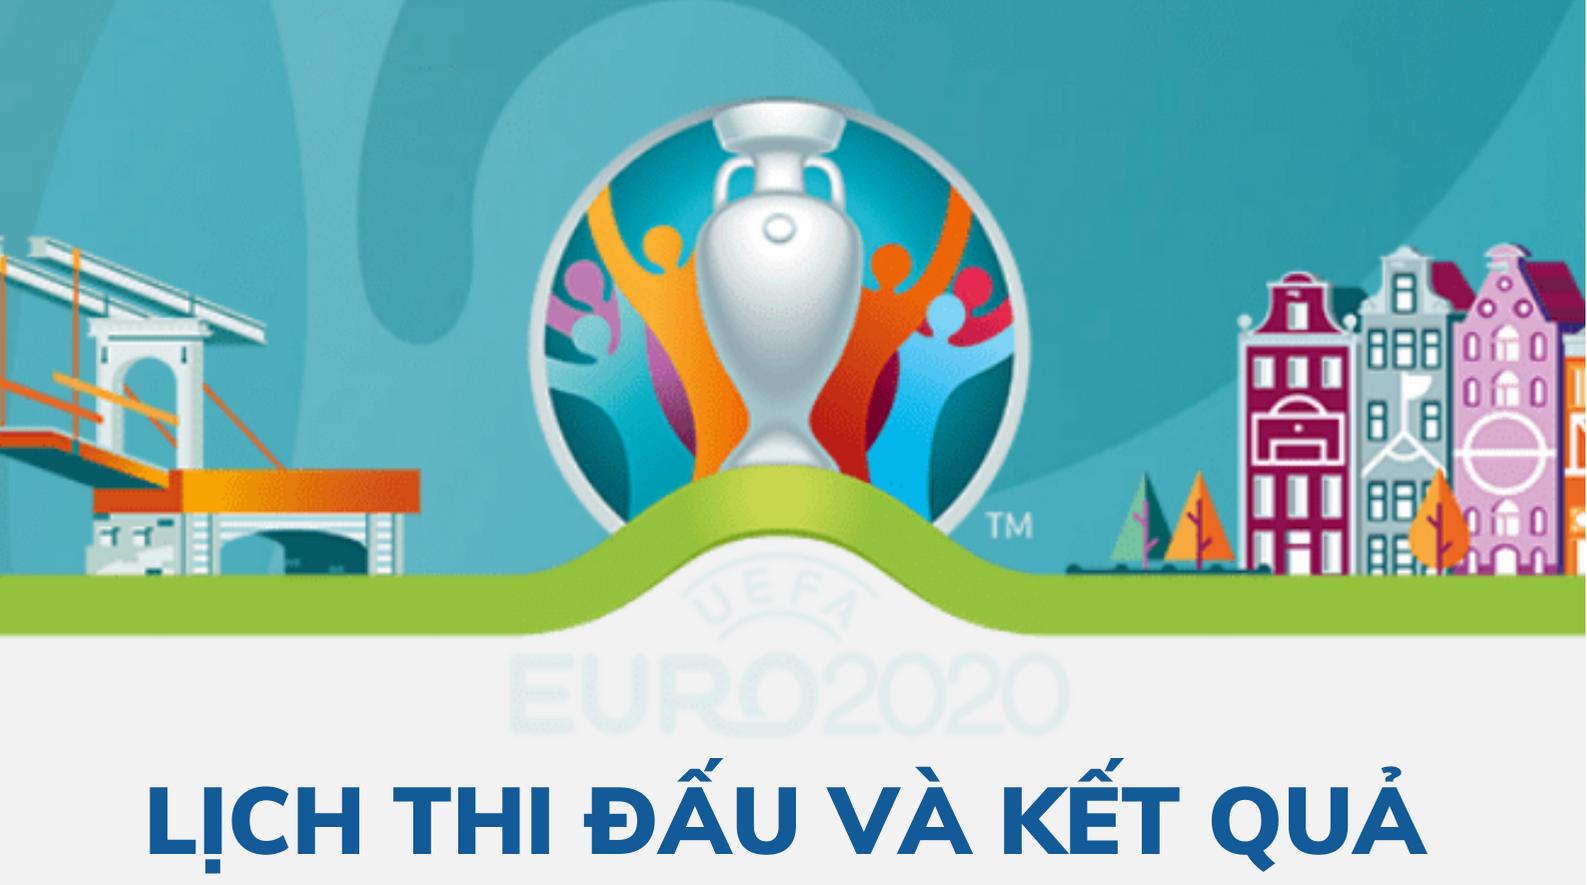 Cập nhật kết quả và lịch thi đấu vòng 16 đội Euro 2020